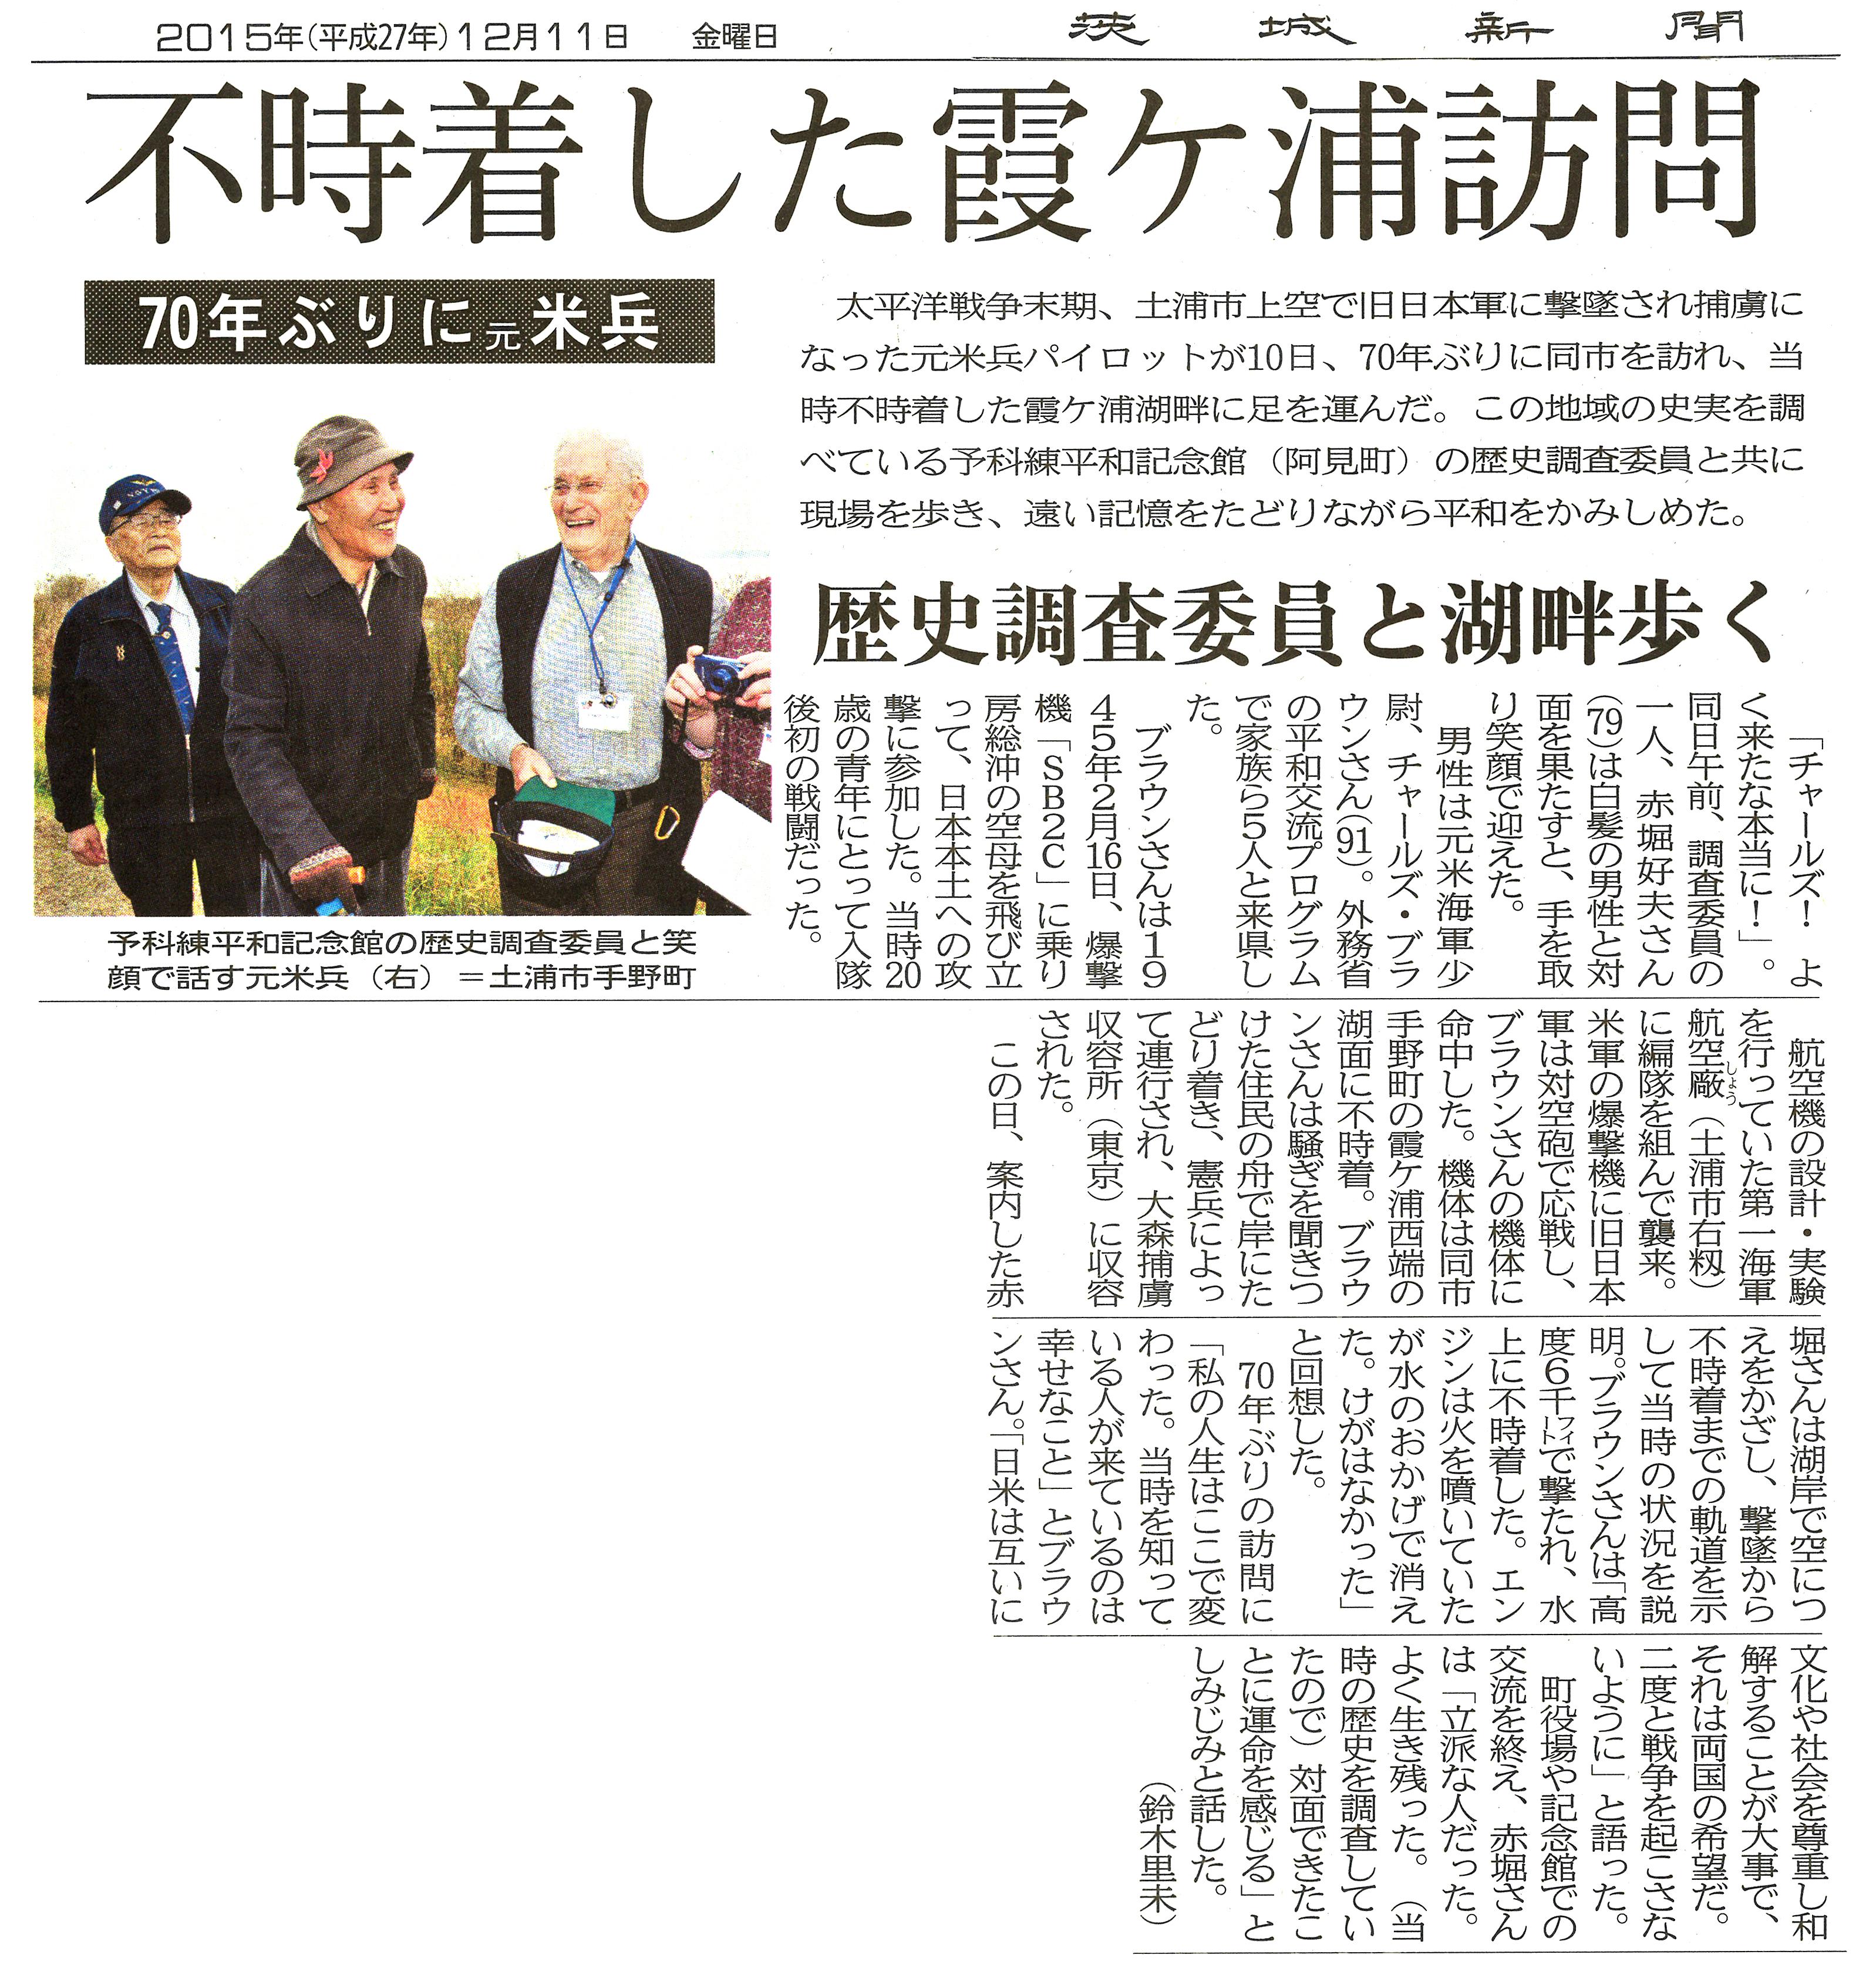 【茨城新聞】不時着した霞ヶ浦訪問 歴史調査員と湖畔歩く